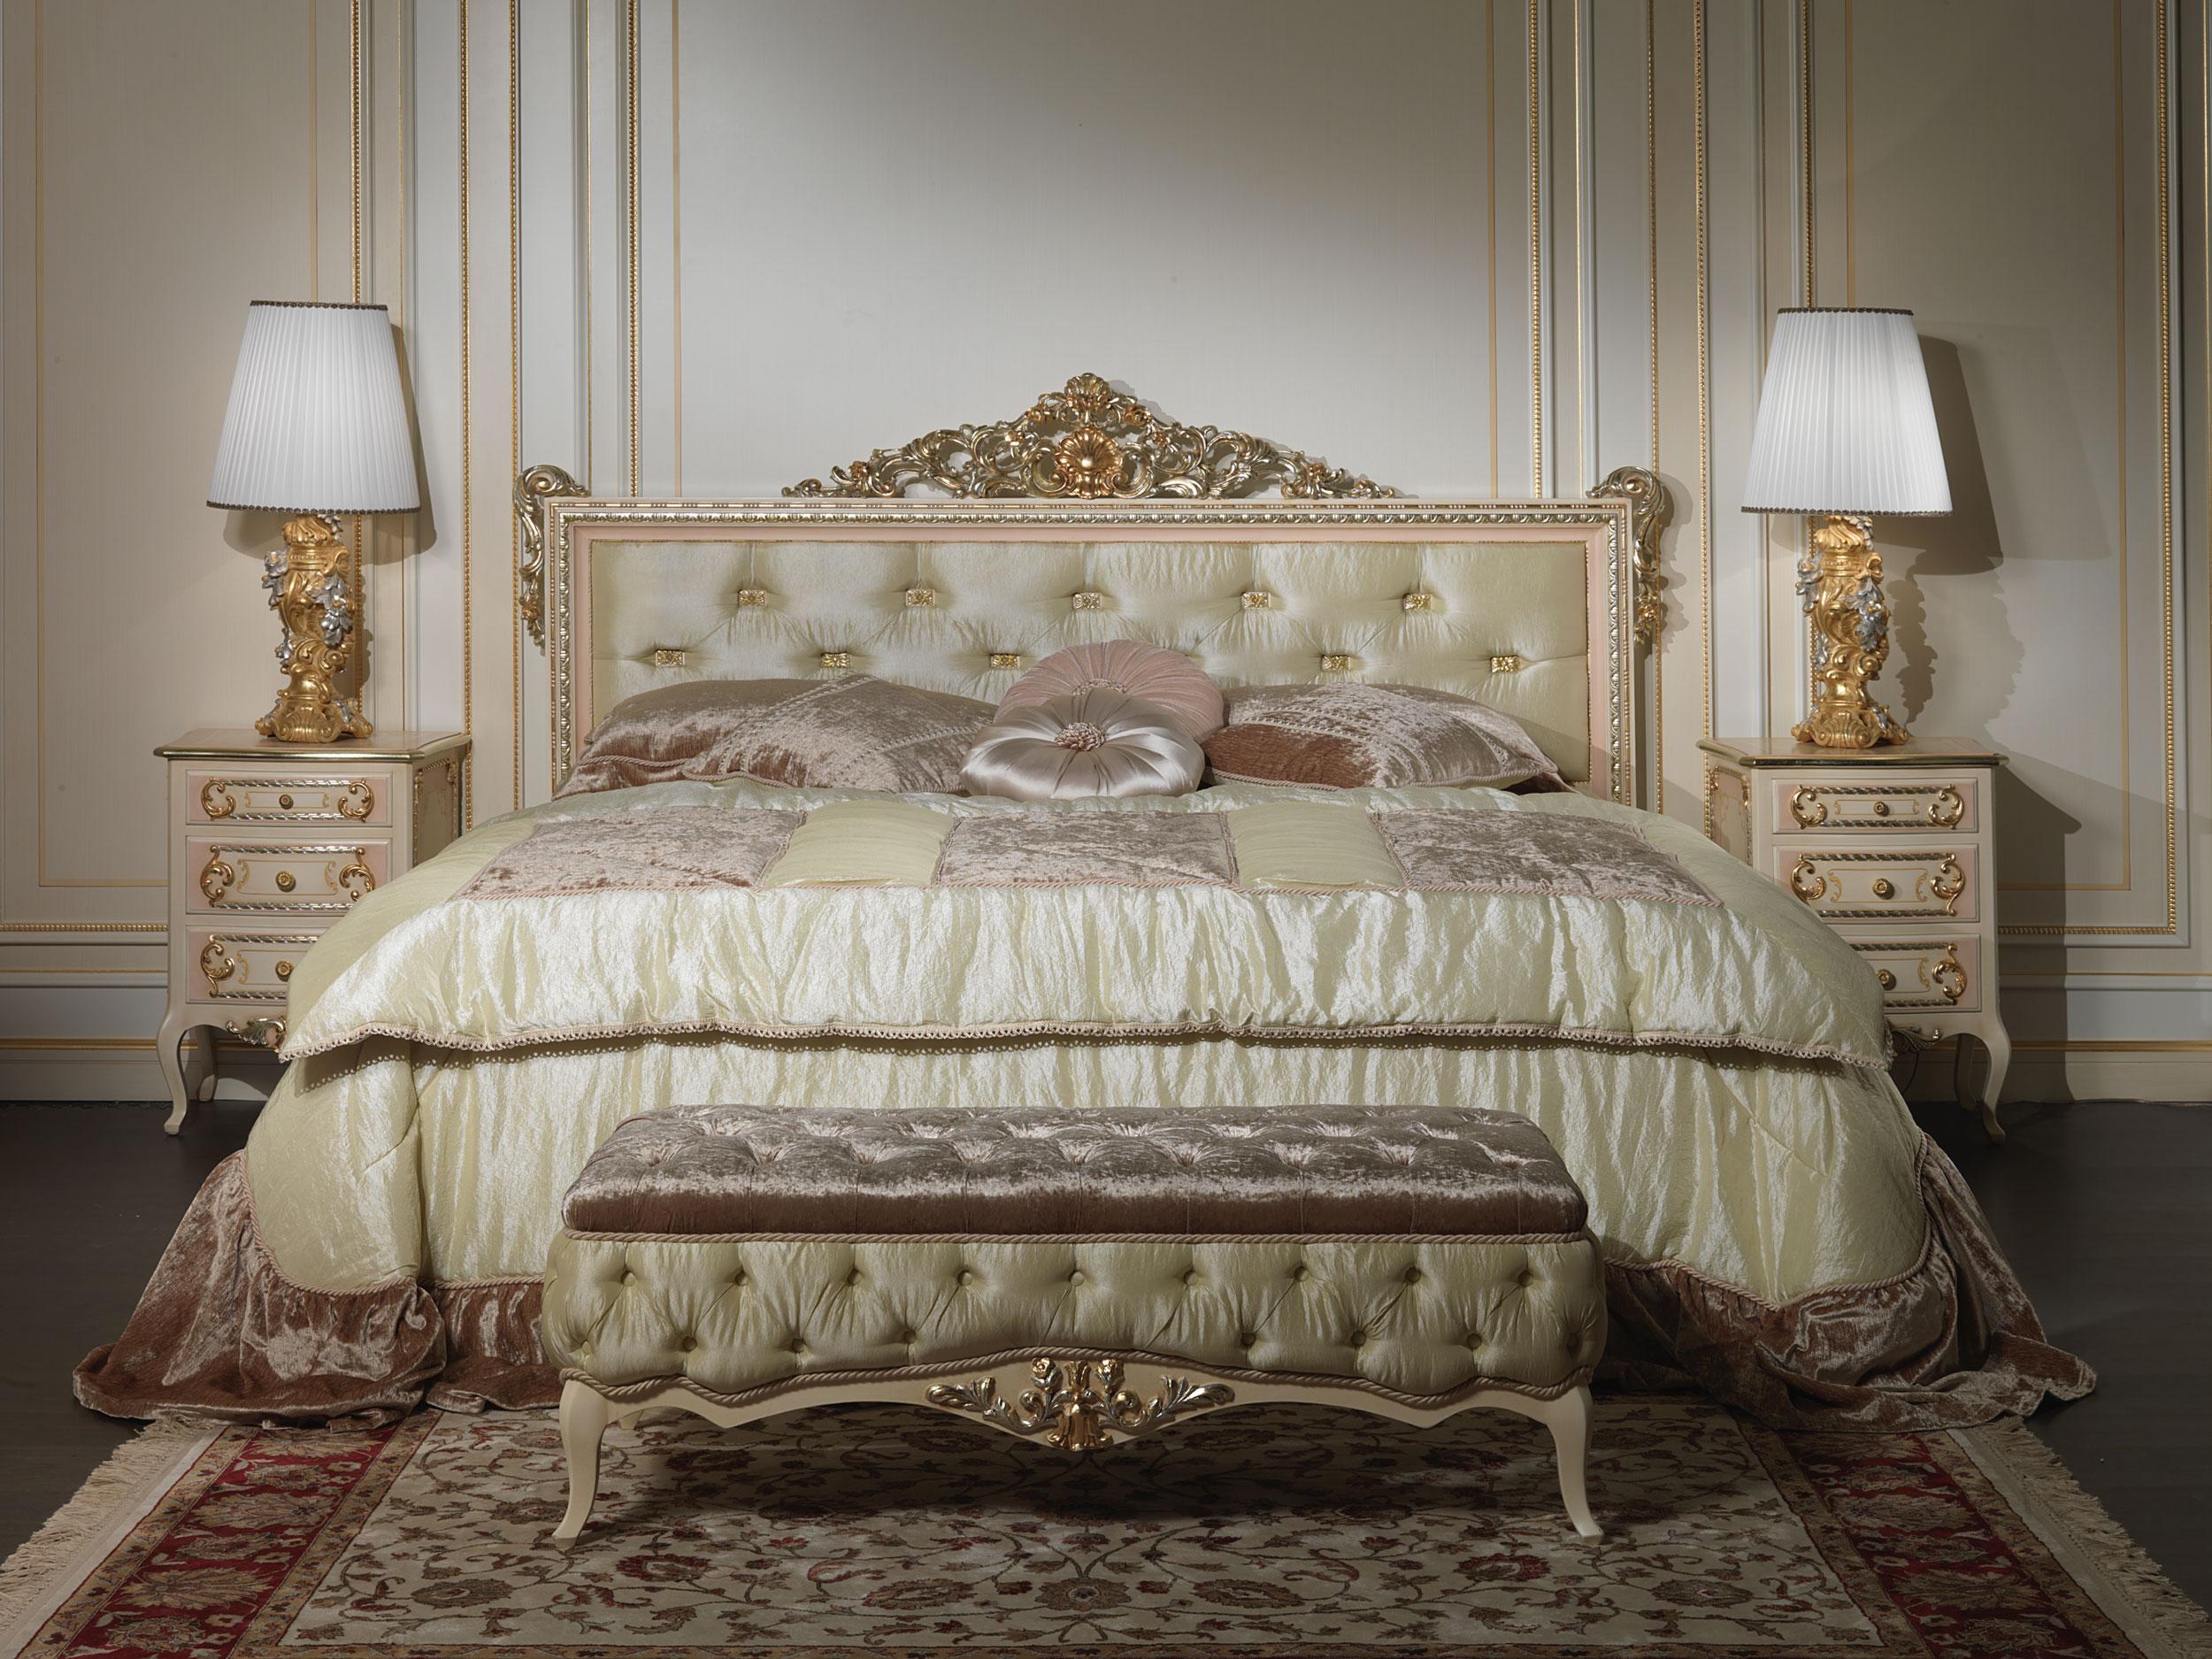 Letto matrimoniale stile classico louvre 943 vimercati meda - Misure letto matrimoniale italiano ...